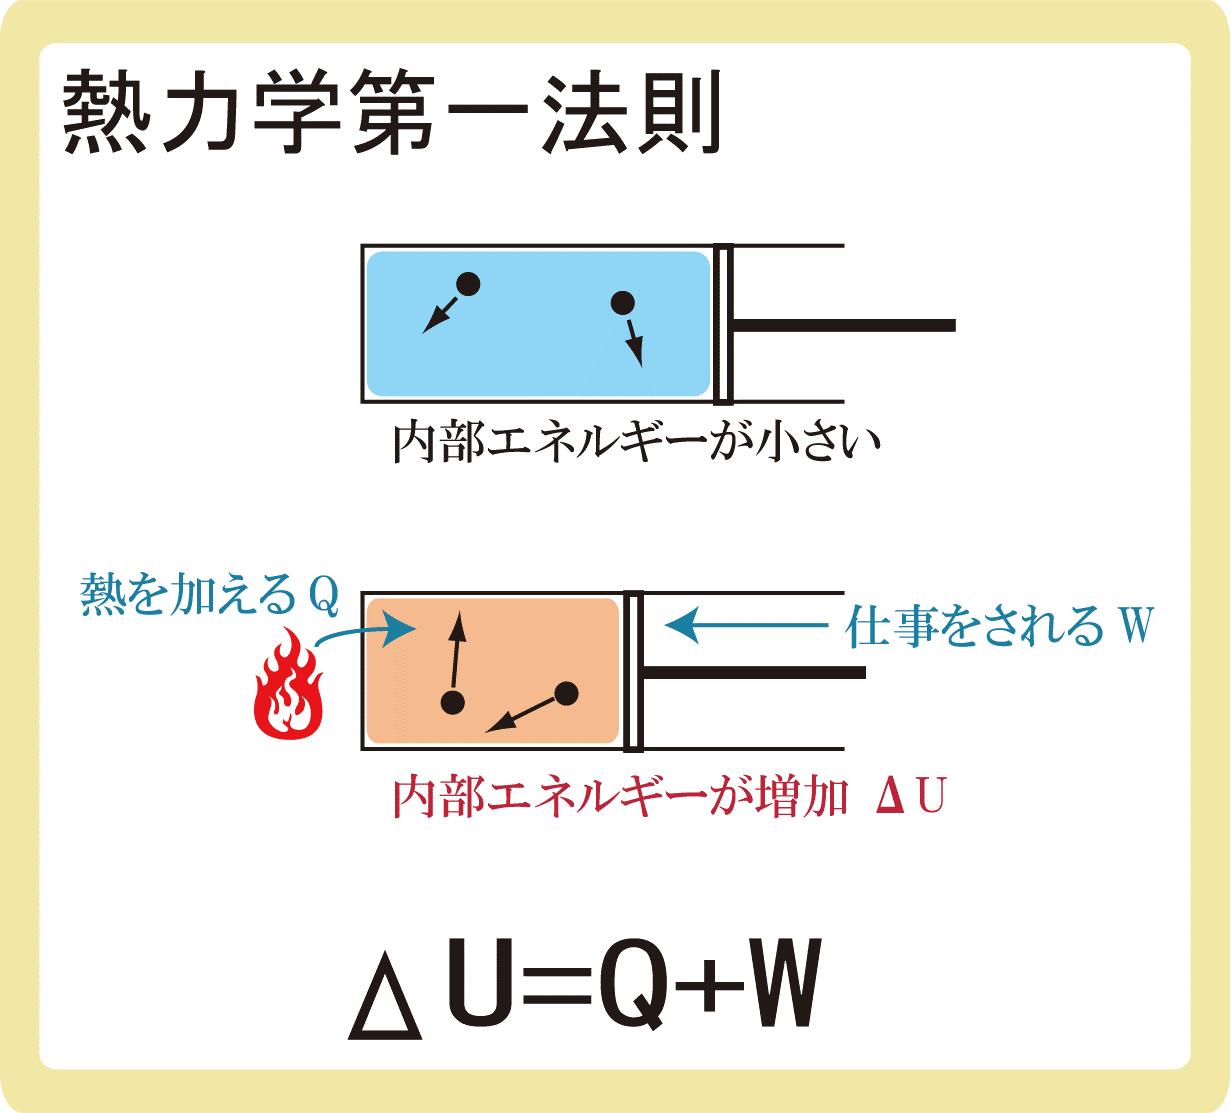 熱力学第一法則とは